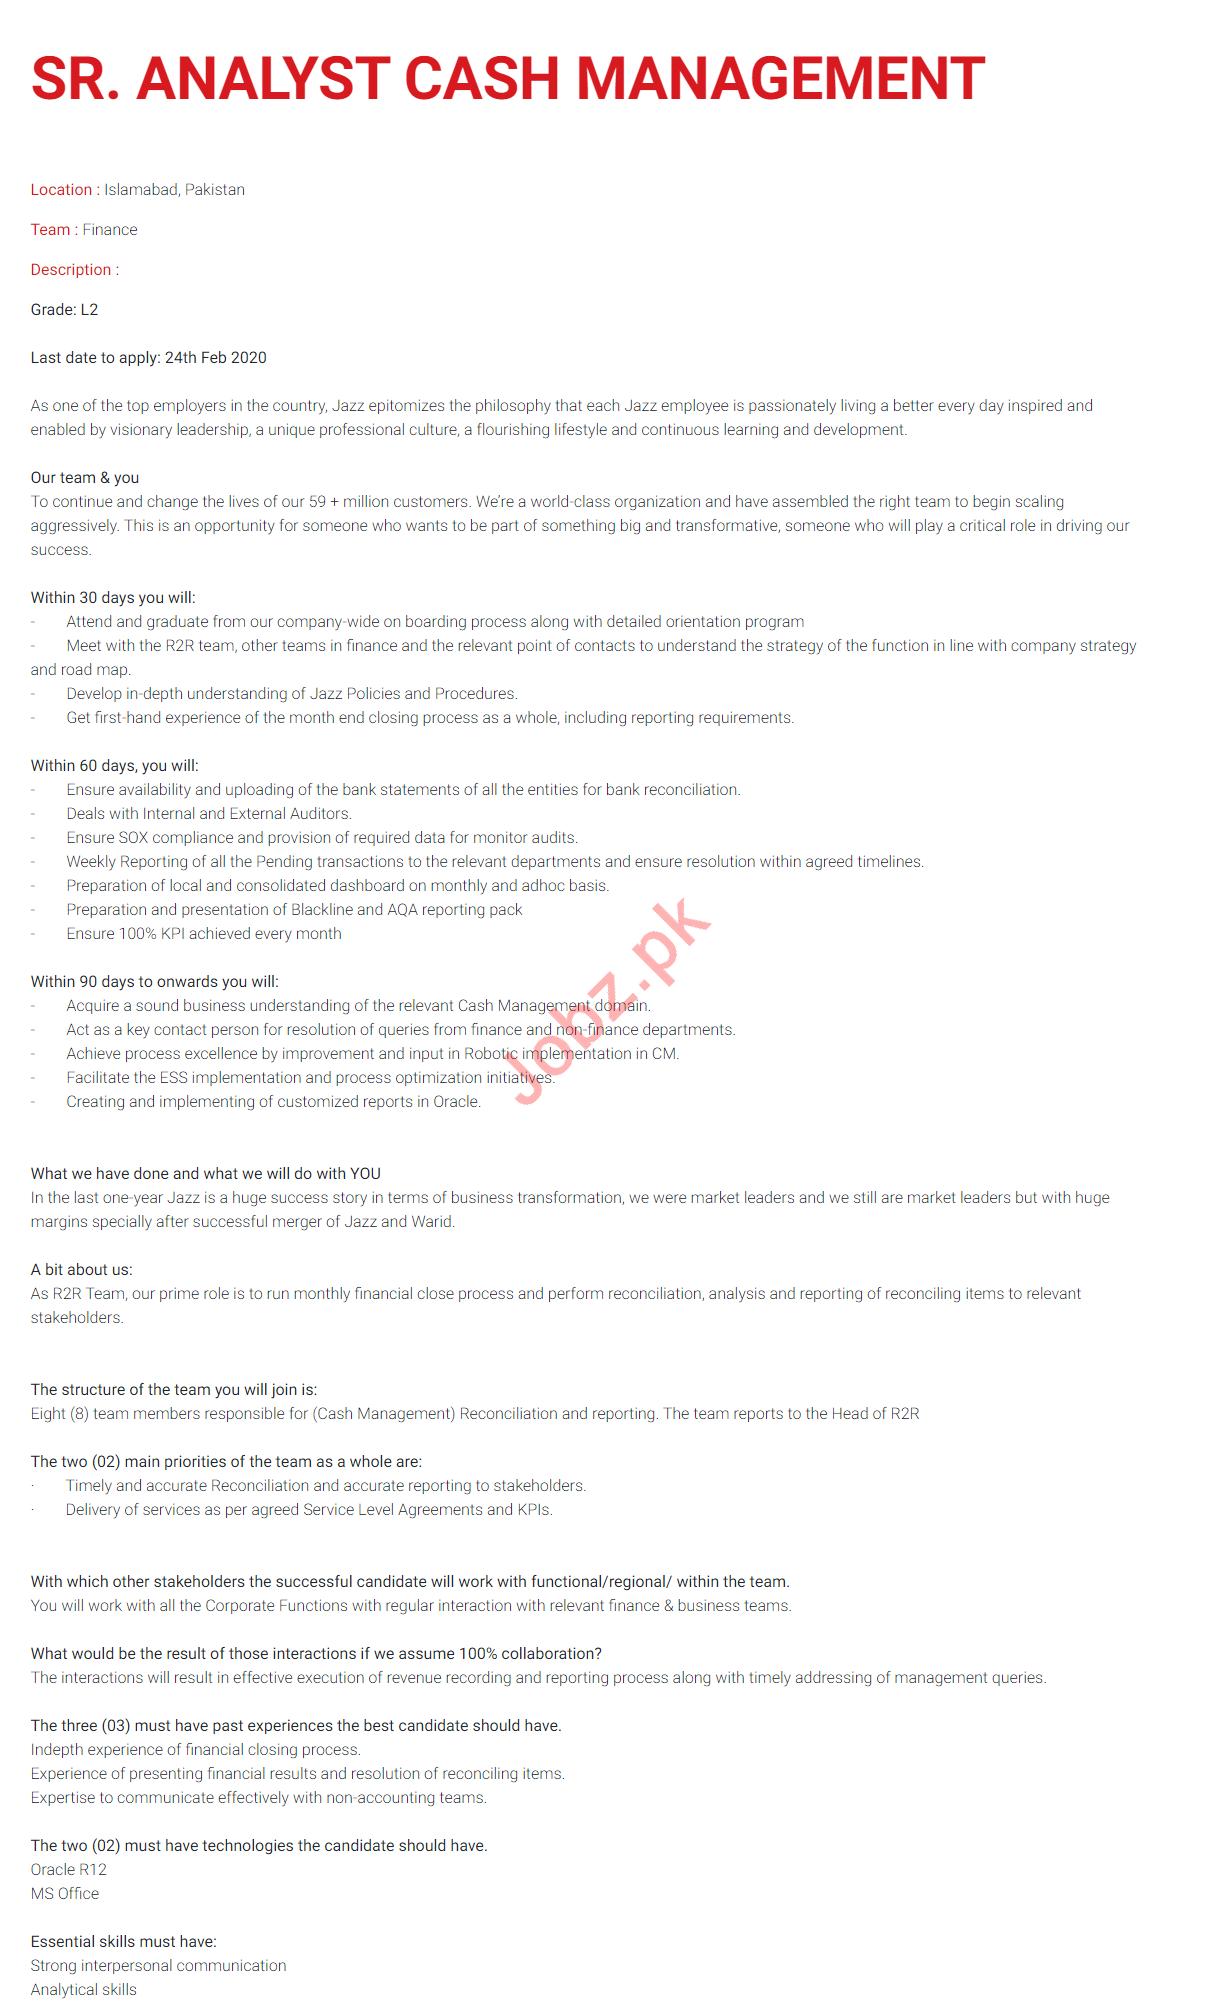 Analyst Cash Management Jobs in Jazz Telecom